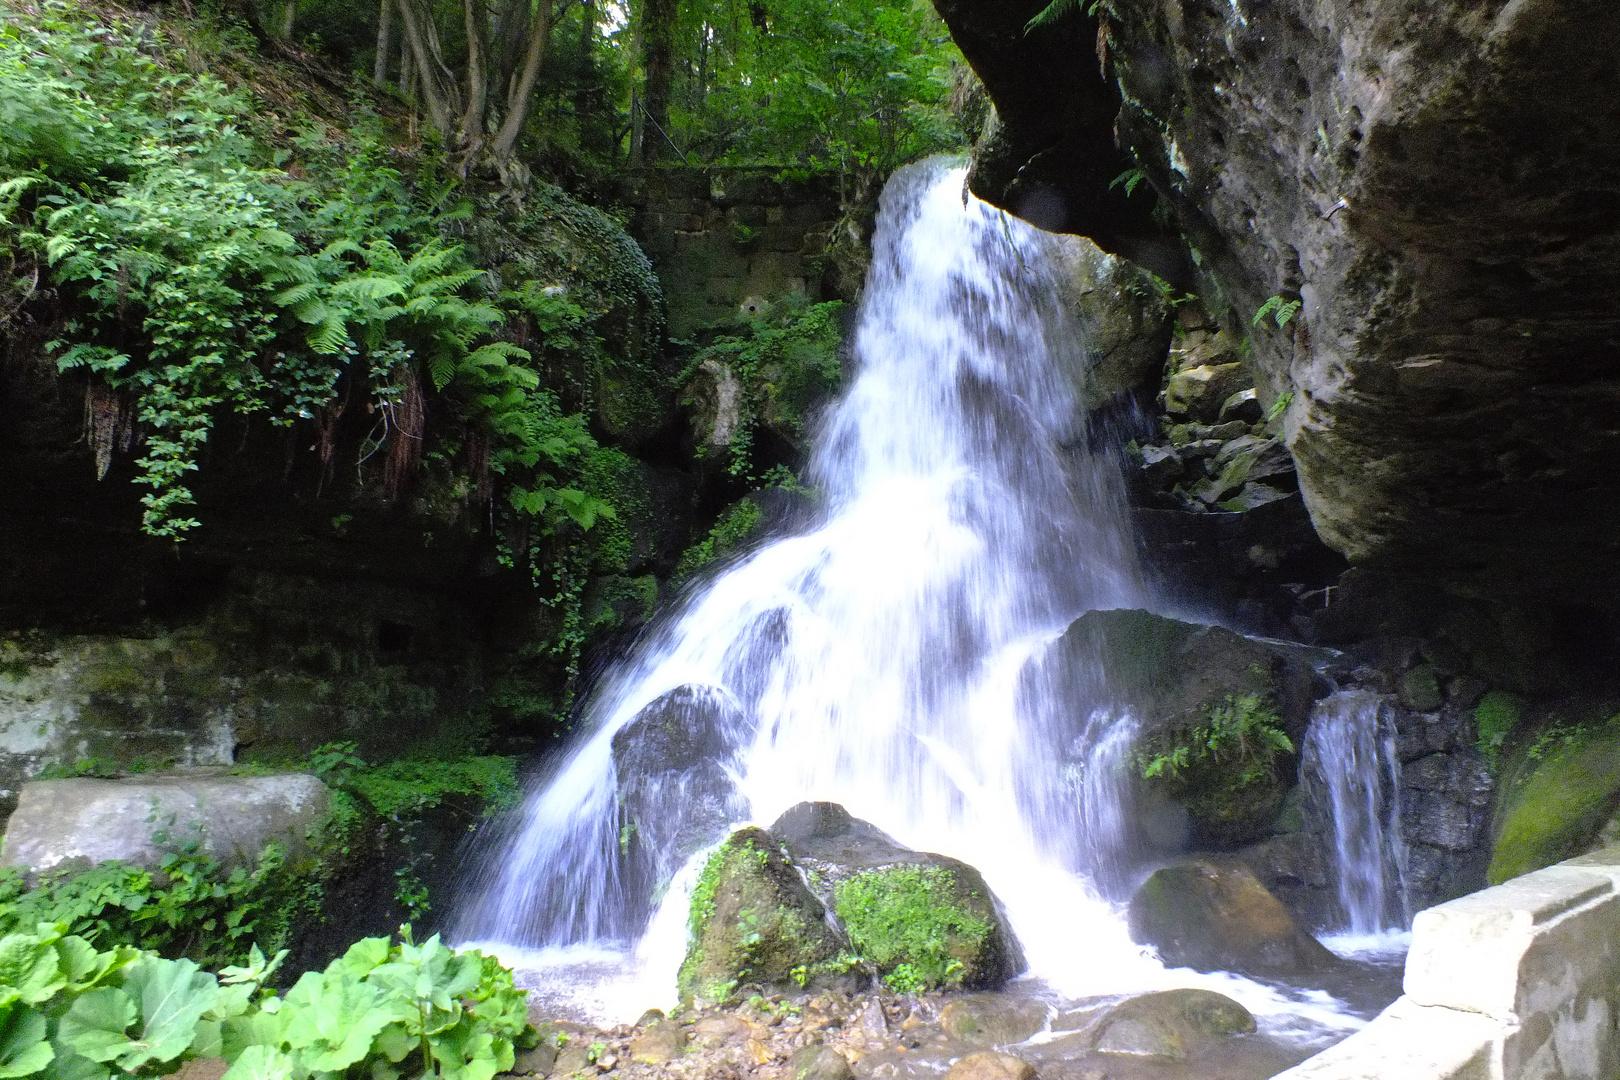 Lichtenhainer Wasserfall, Pfingsten 2011